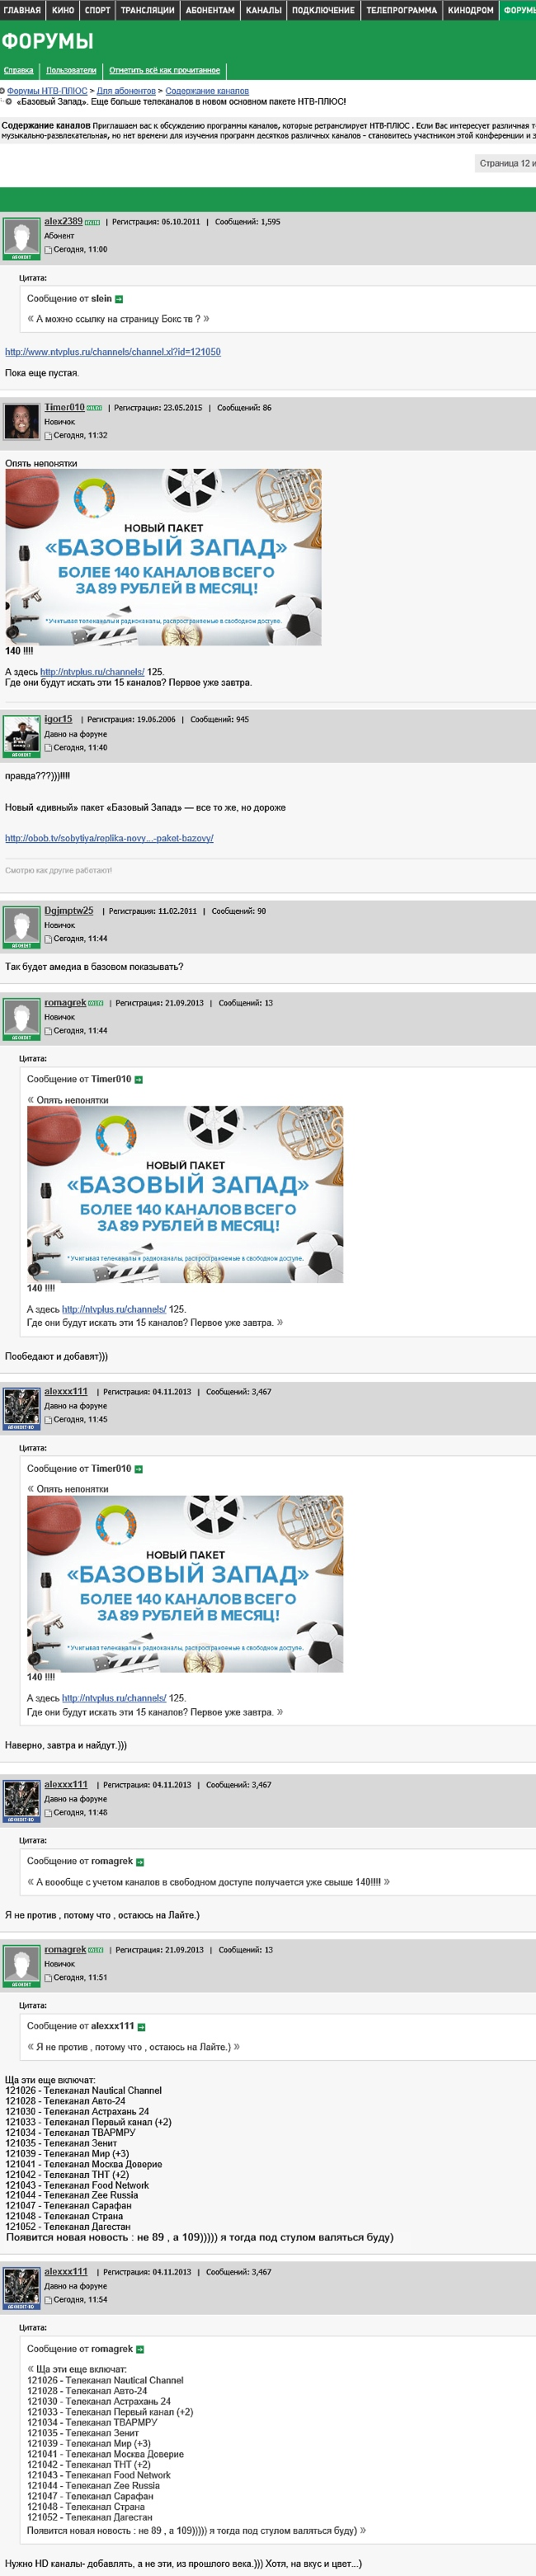 Скриншот (по состоянию на утро 1 июня 2015 г.) ныне удаленной ветки на форуме «НТВ плюс», посвященной обсуждению нового пакета «Базовый Запад».